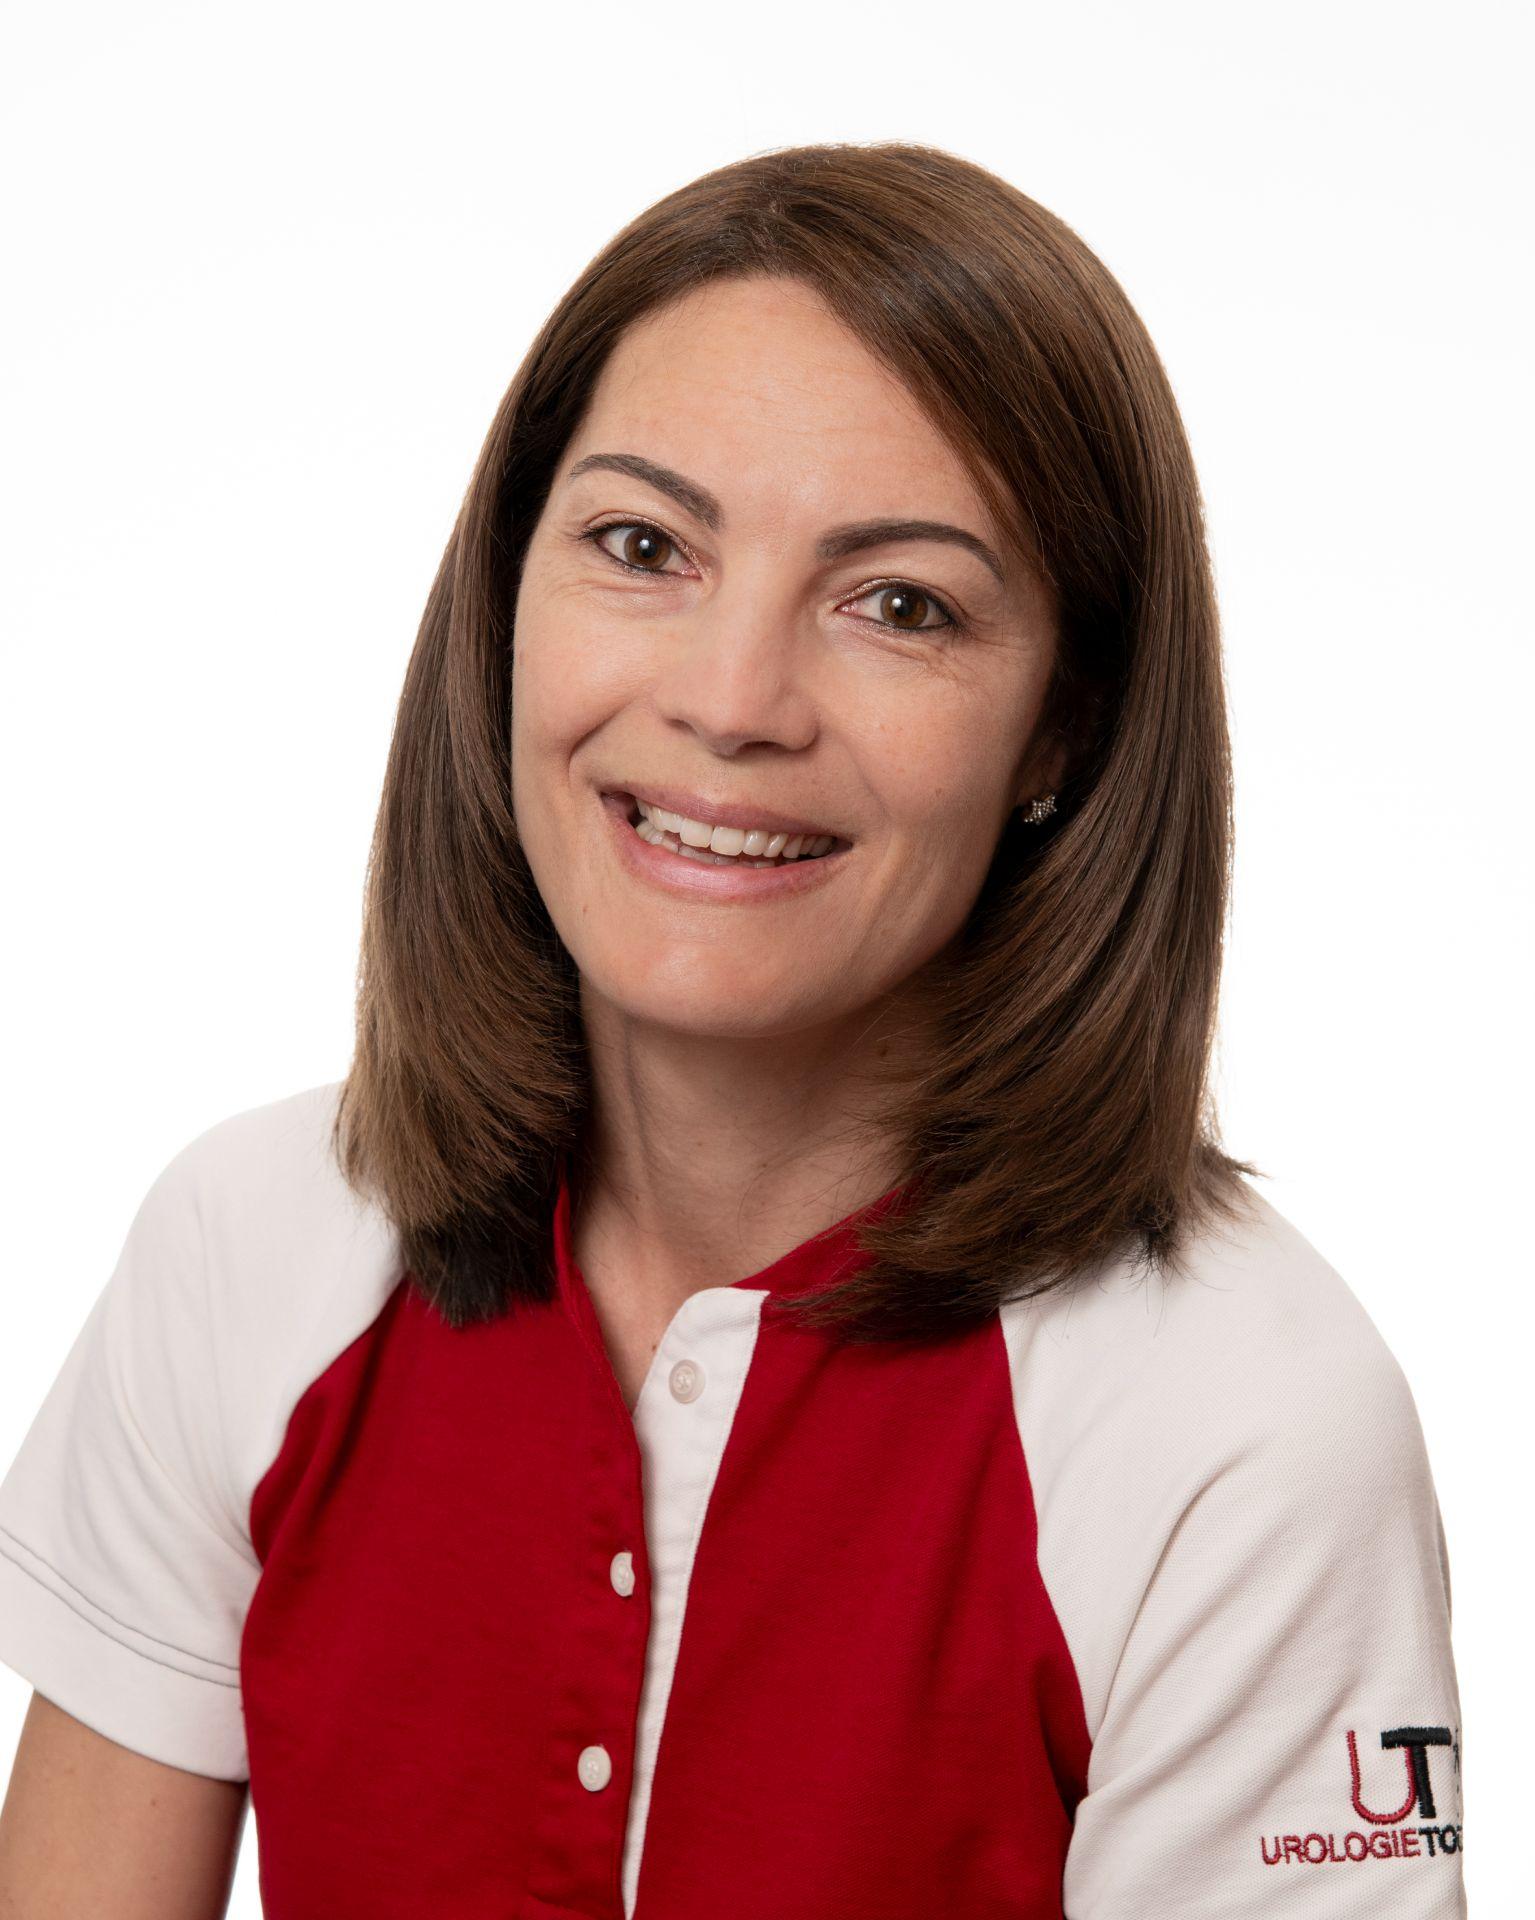 Sandra Wildhaber-Pfiffner